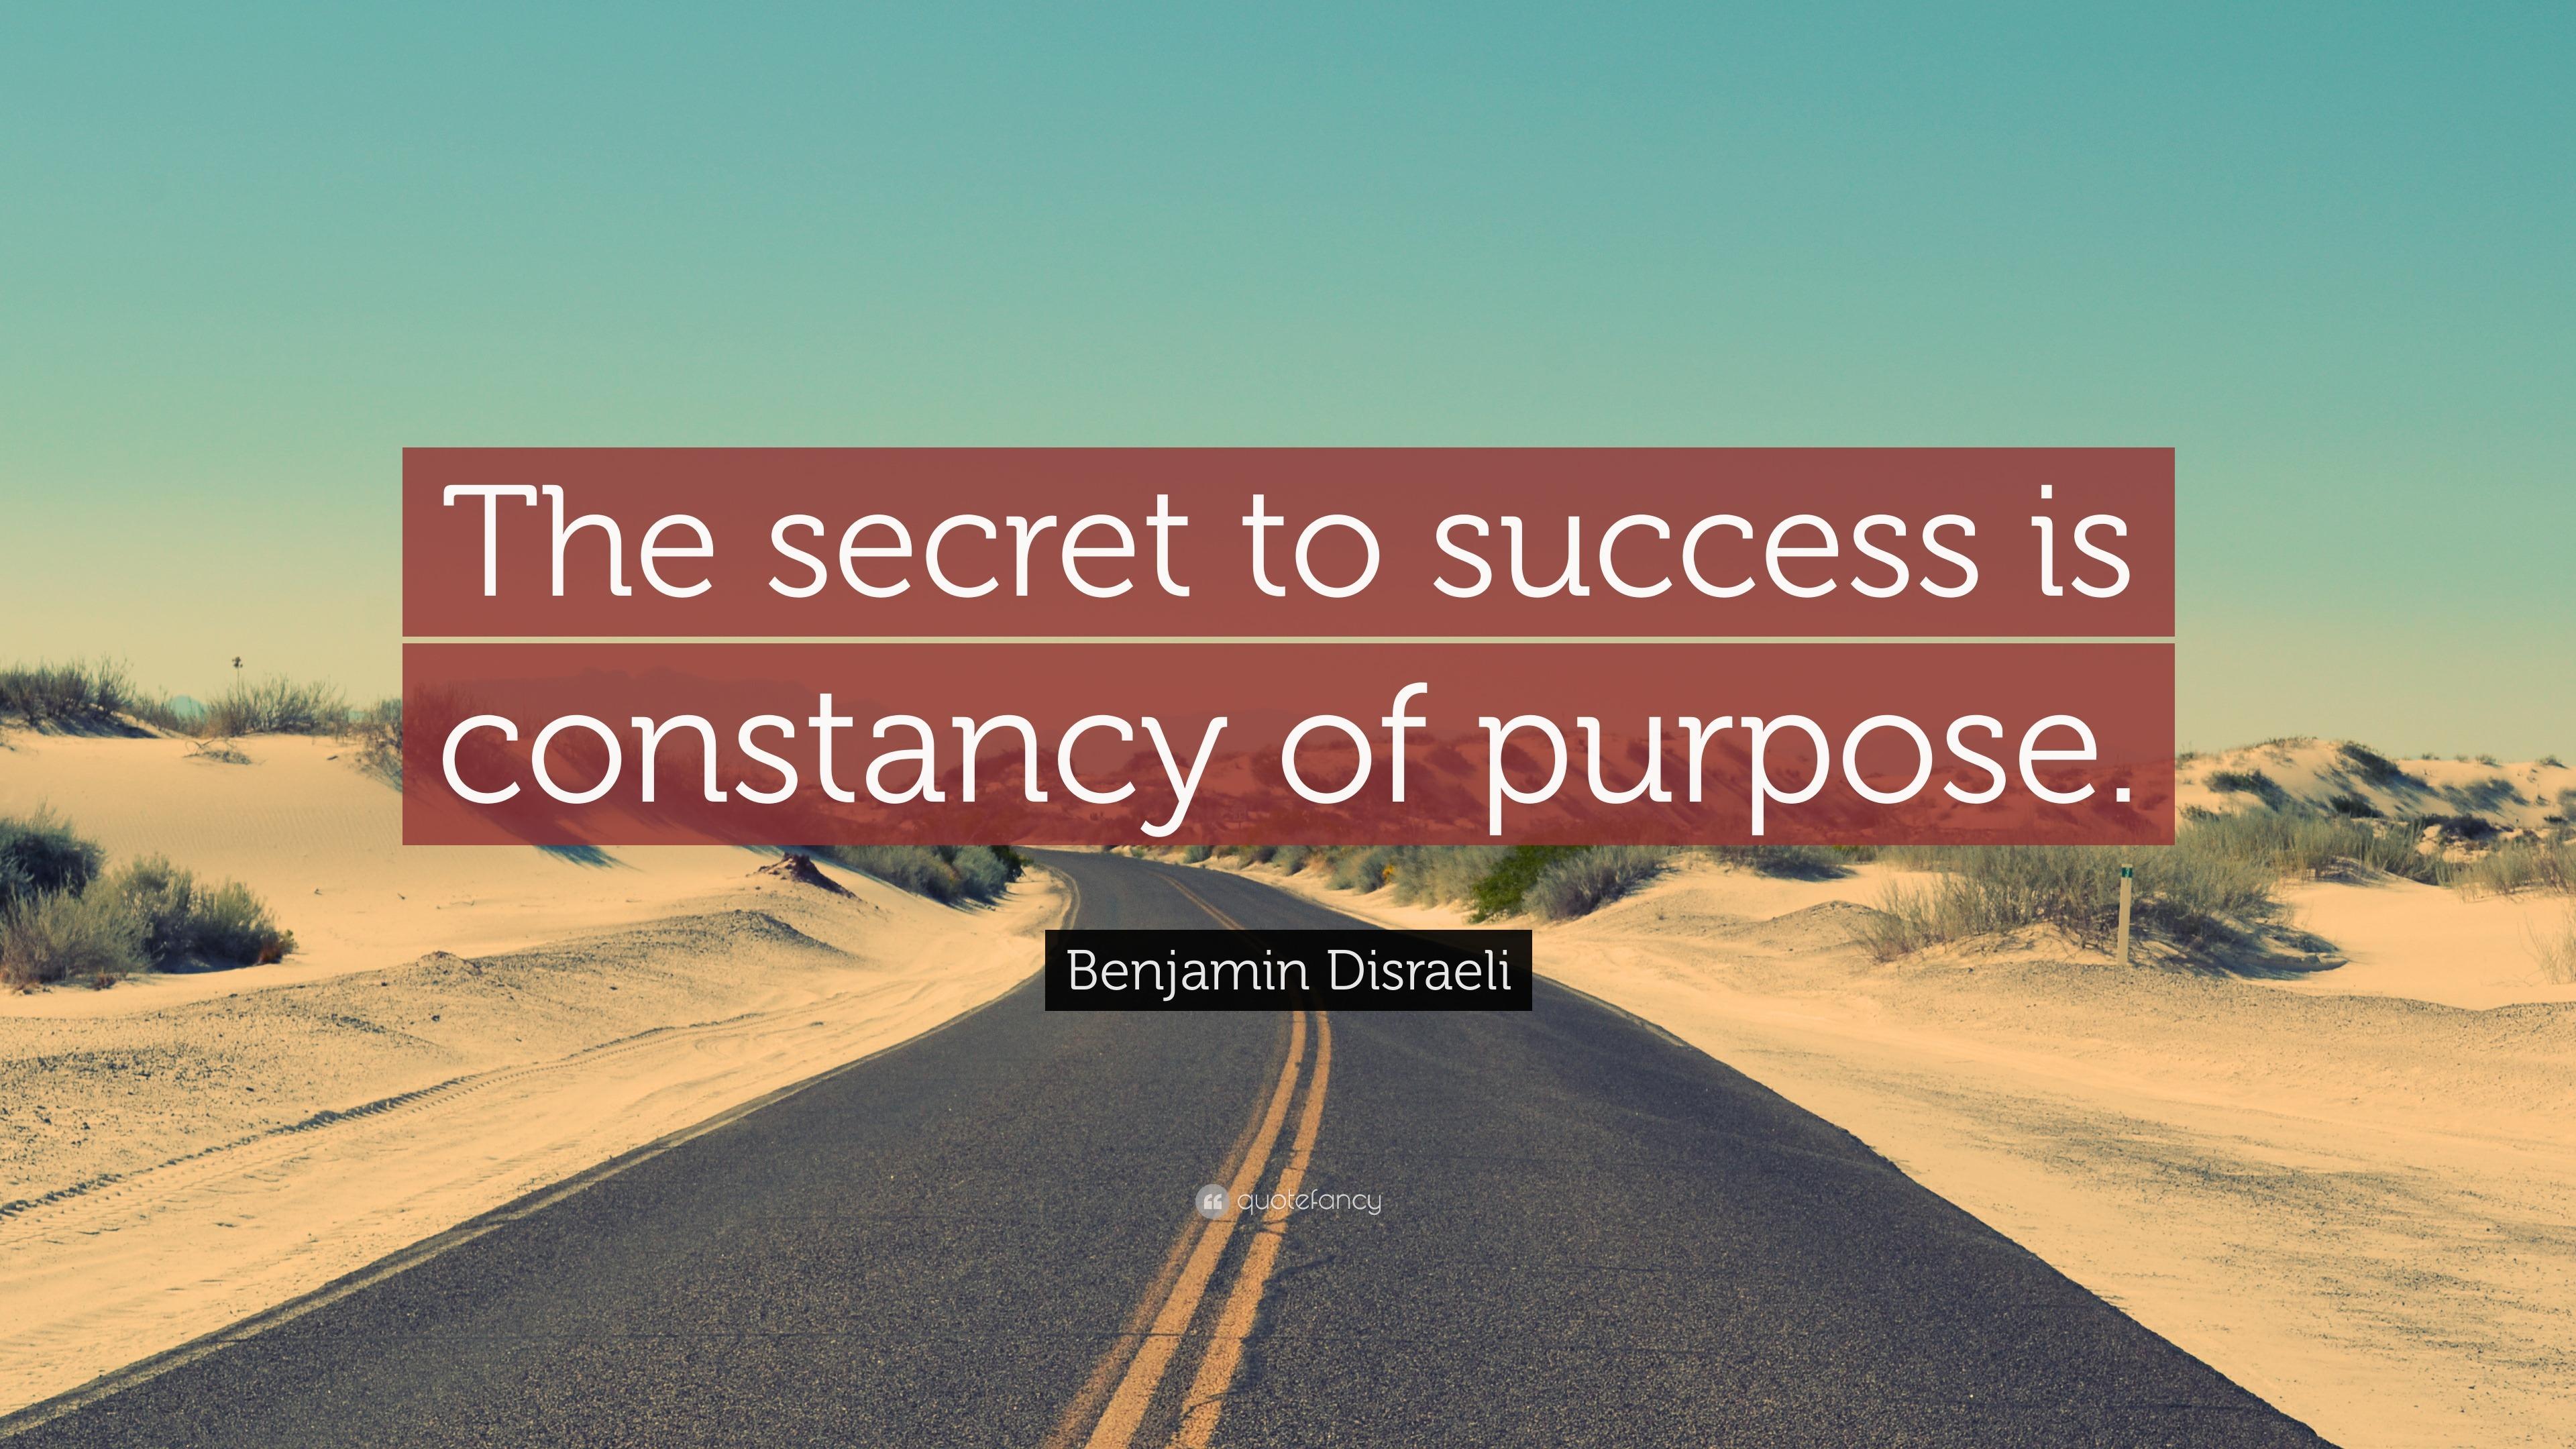 Benjamin Disraeli Quote The Secret To Success Is Constancy Of